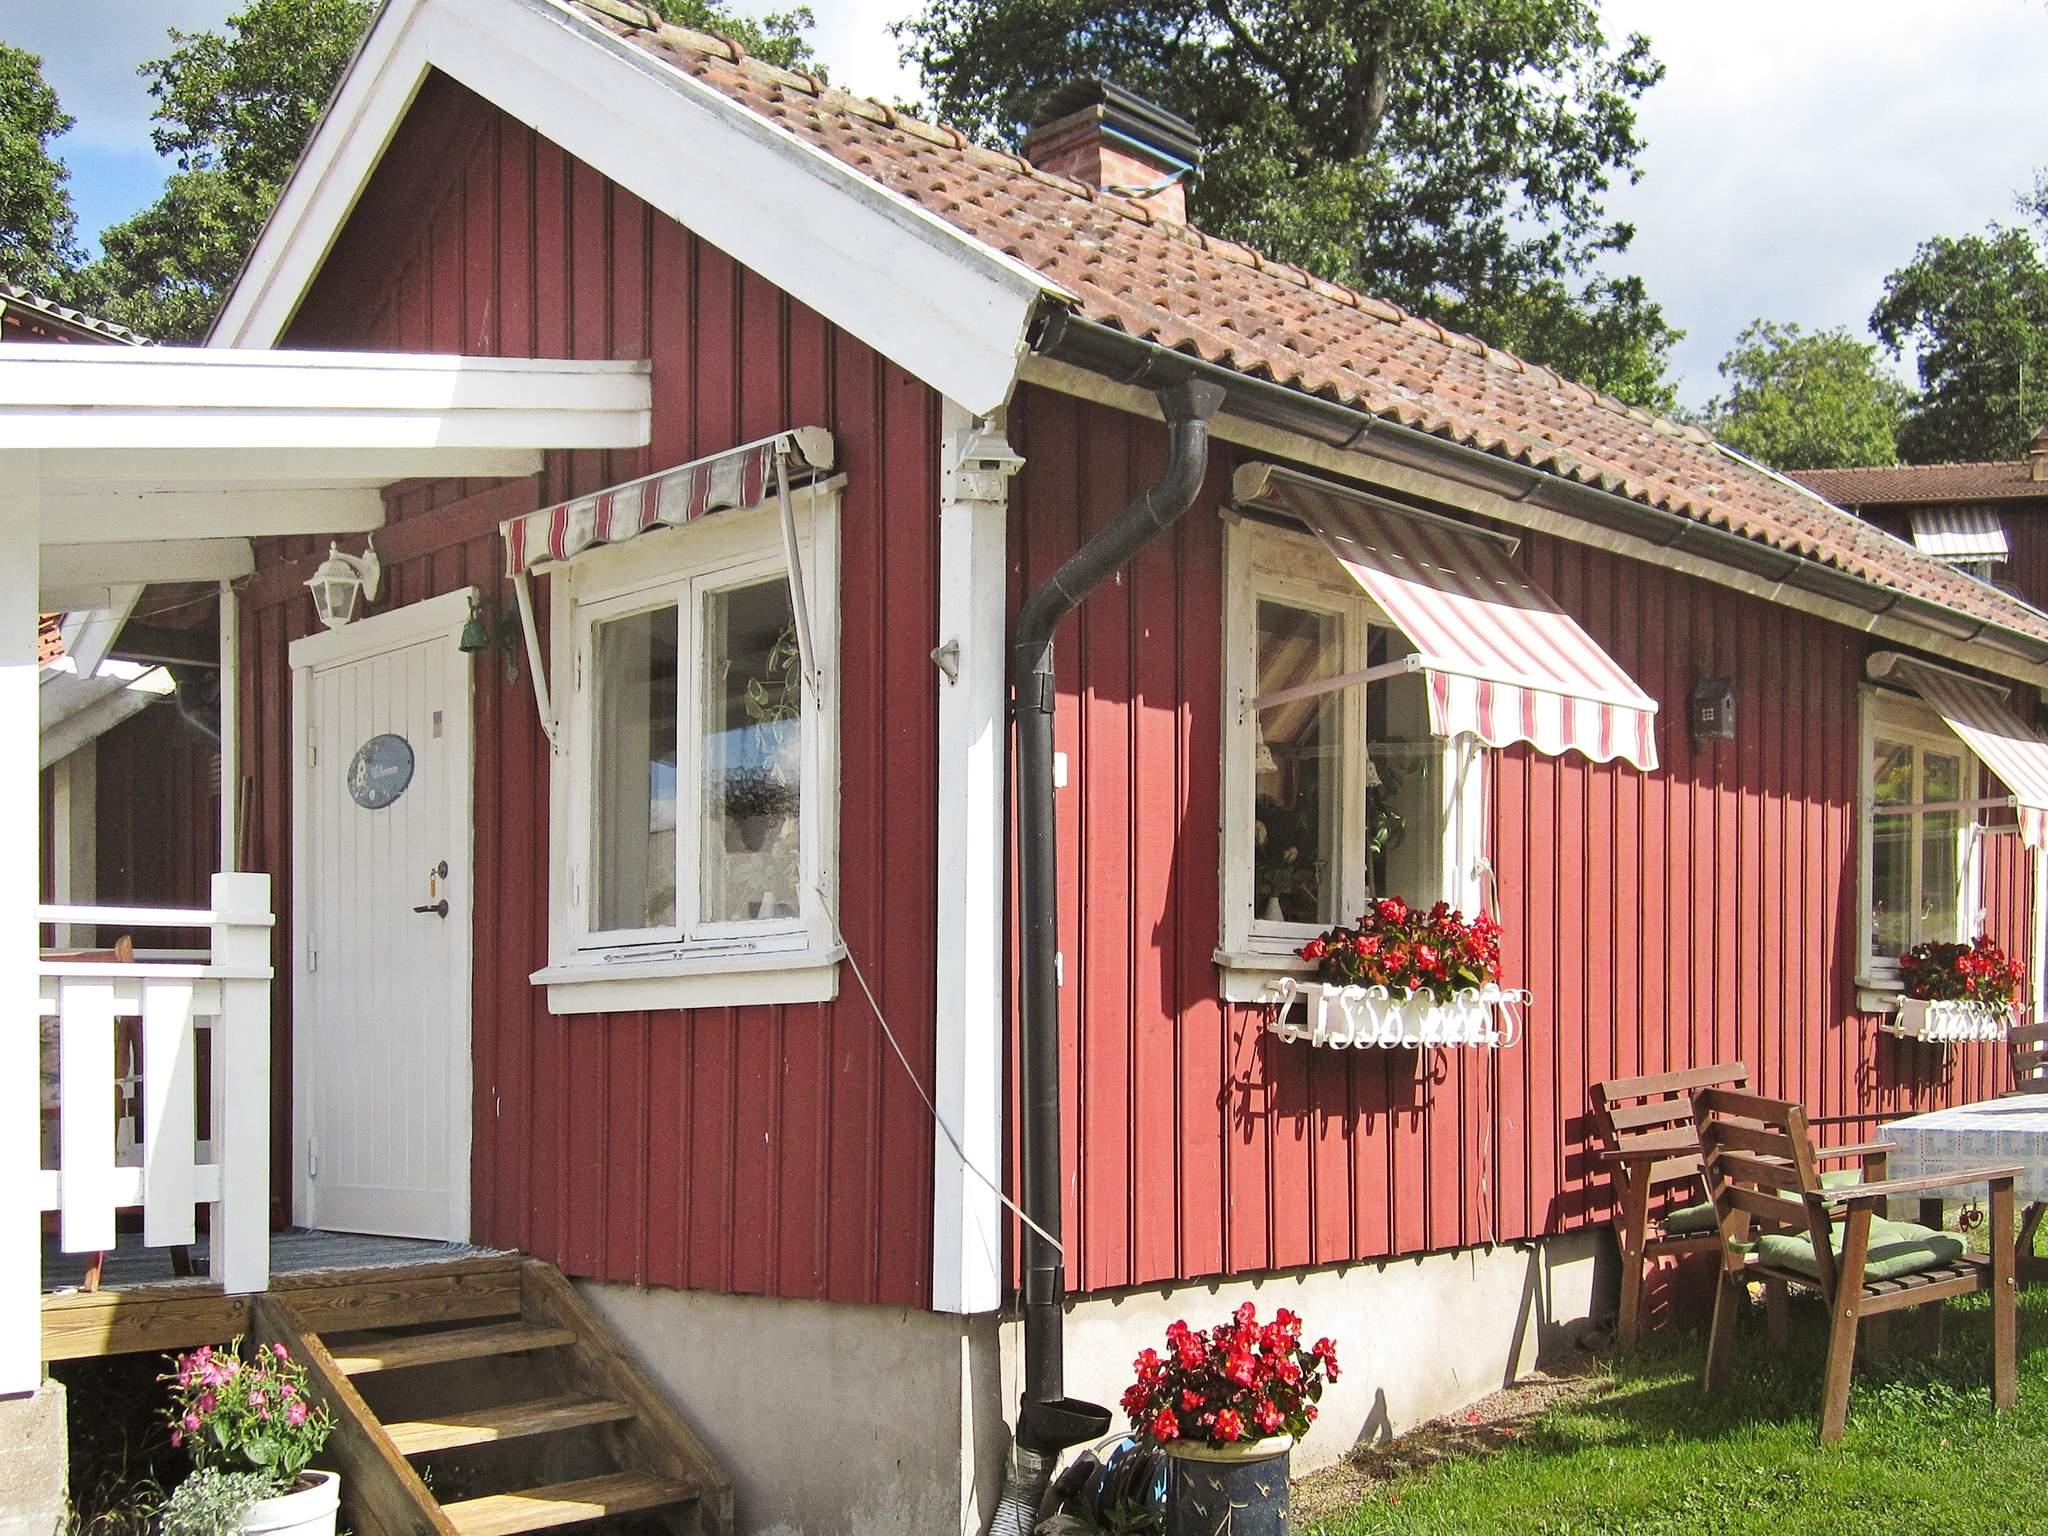 Ferienhaus Kungälv (192239), Kungälv, Västra Götaland län, Westschweden, Schweden, Bild 1